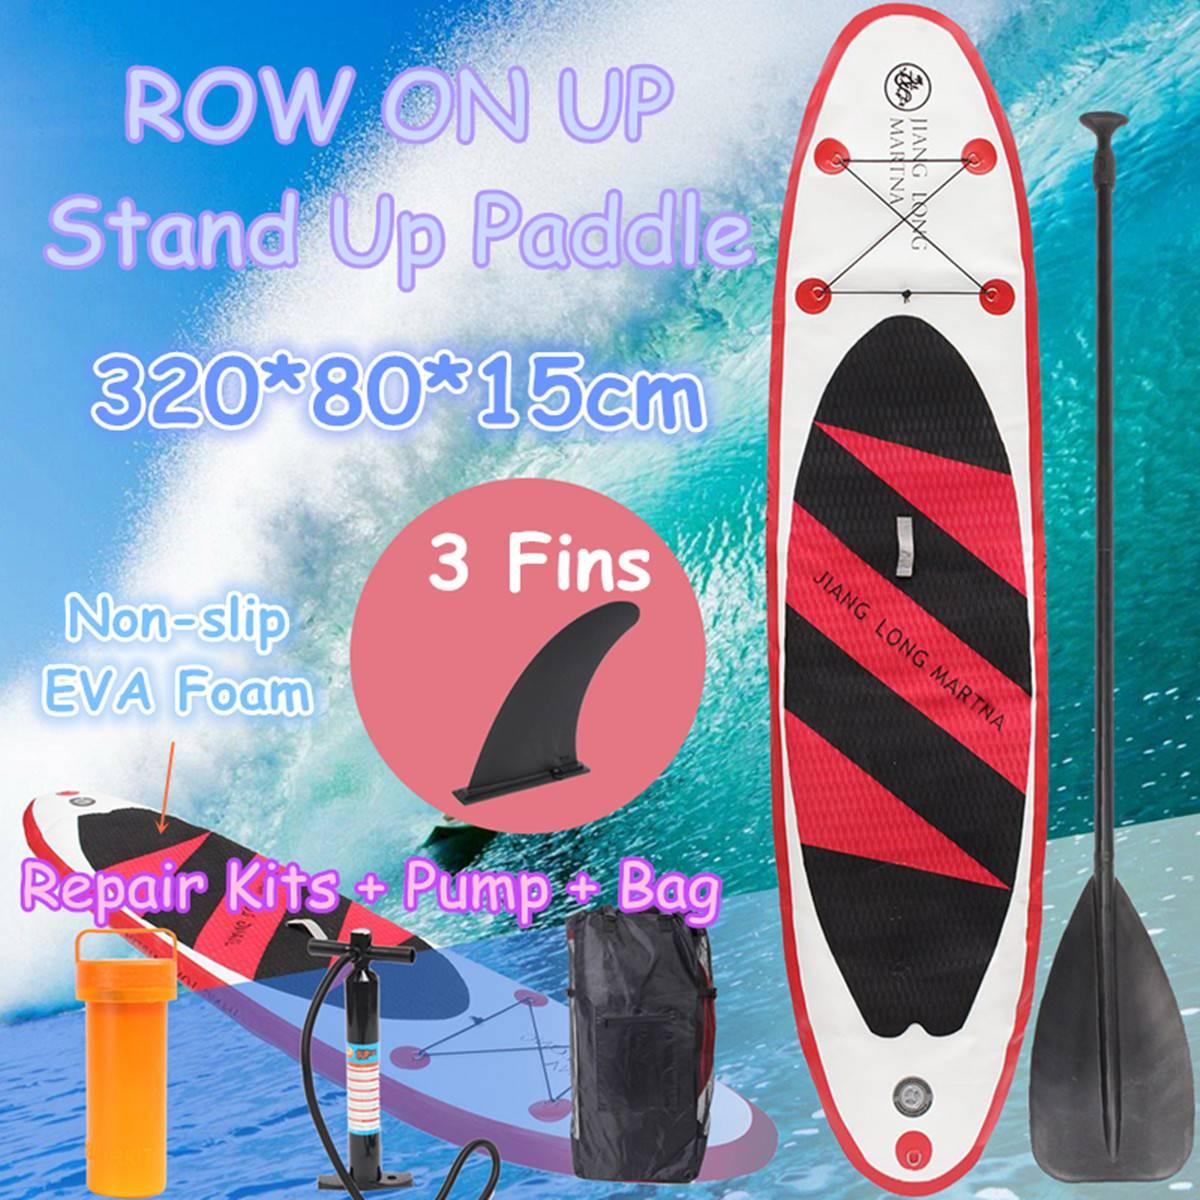 320x80x15 cm PVC gonflable Stand Up Paddle Board exercice formation planche de surf planche de surf Sport nautique Sup Board avec pompe à main